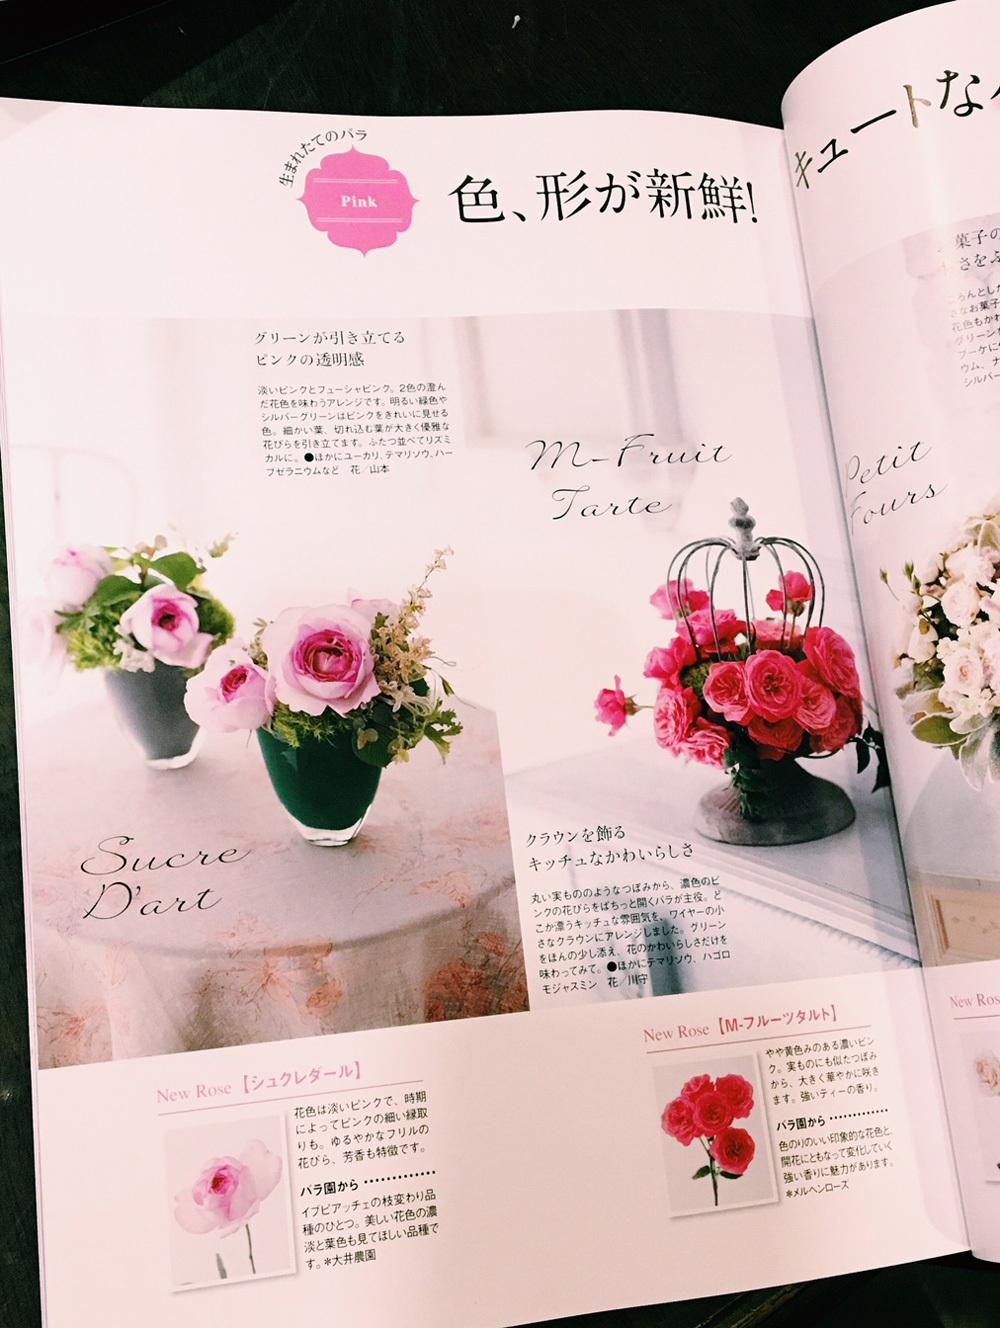 花時間秋号 バラ特集で作品を作りました_c0072971_05485426.jpg